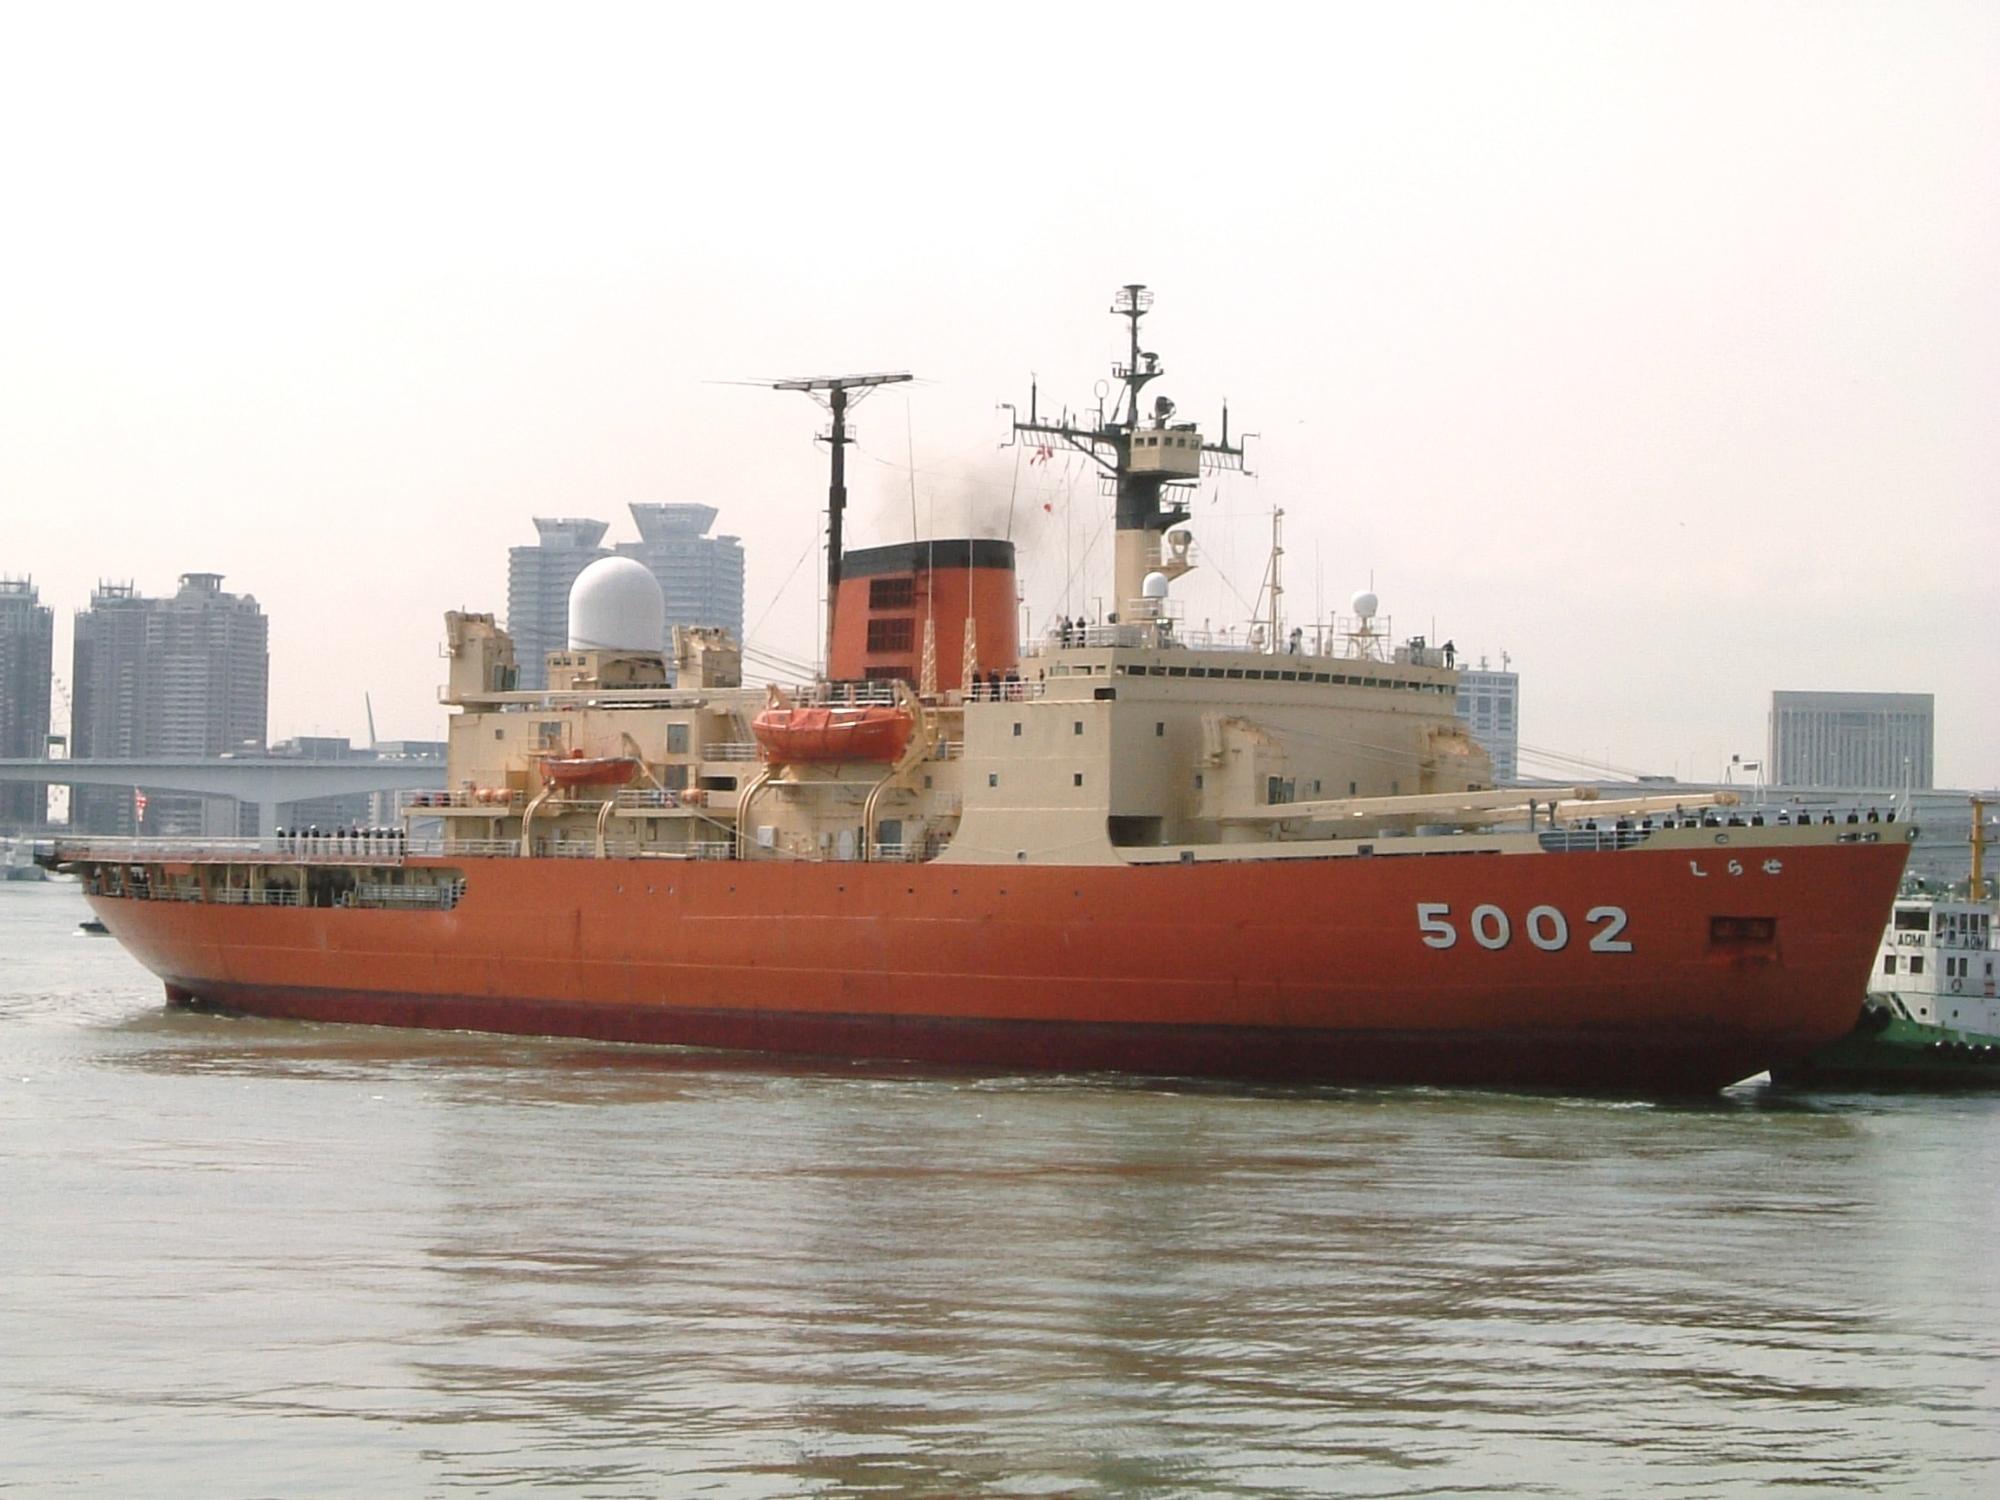 Resultado de imagen para shirase icebreaker 5002